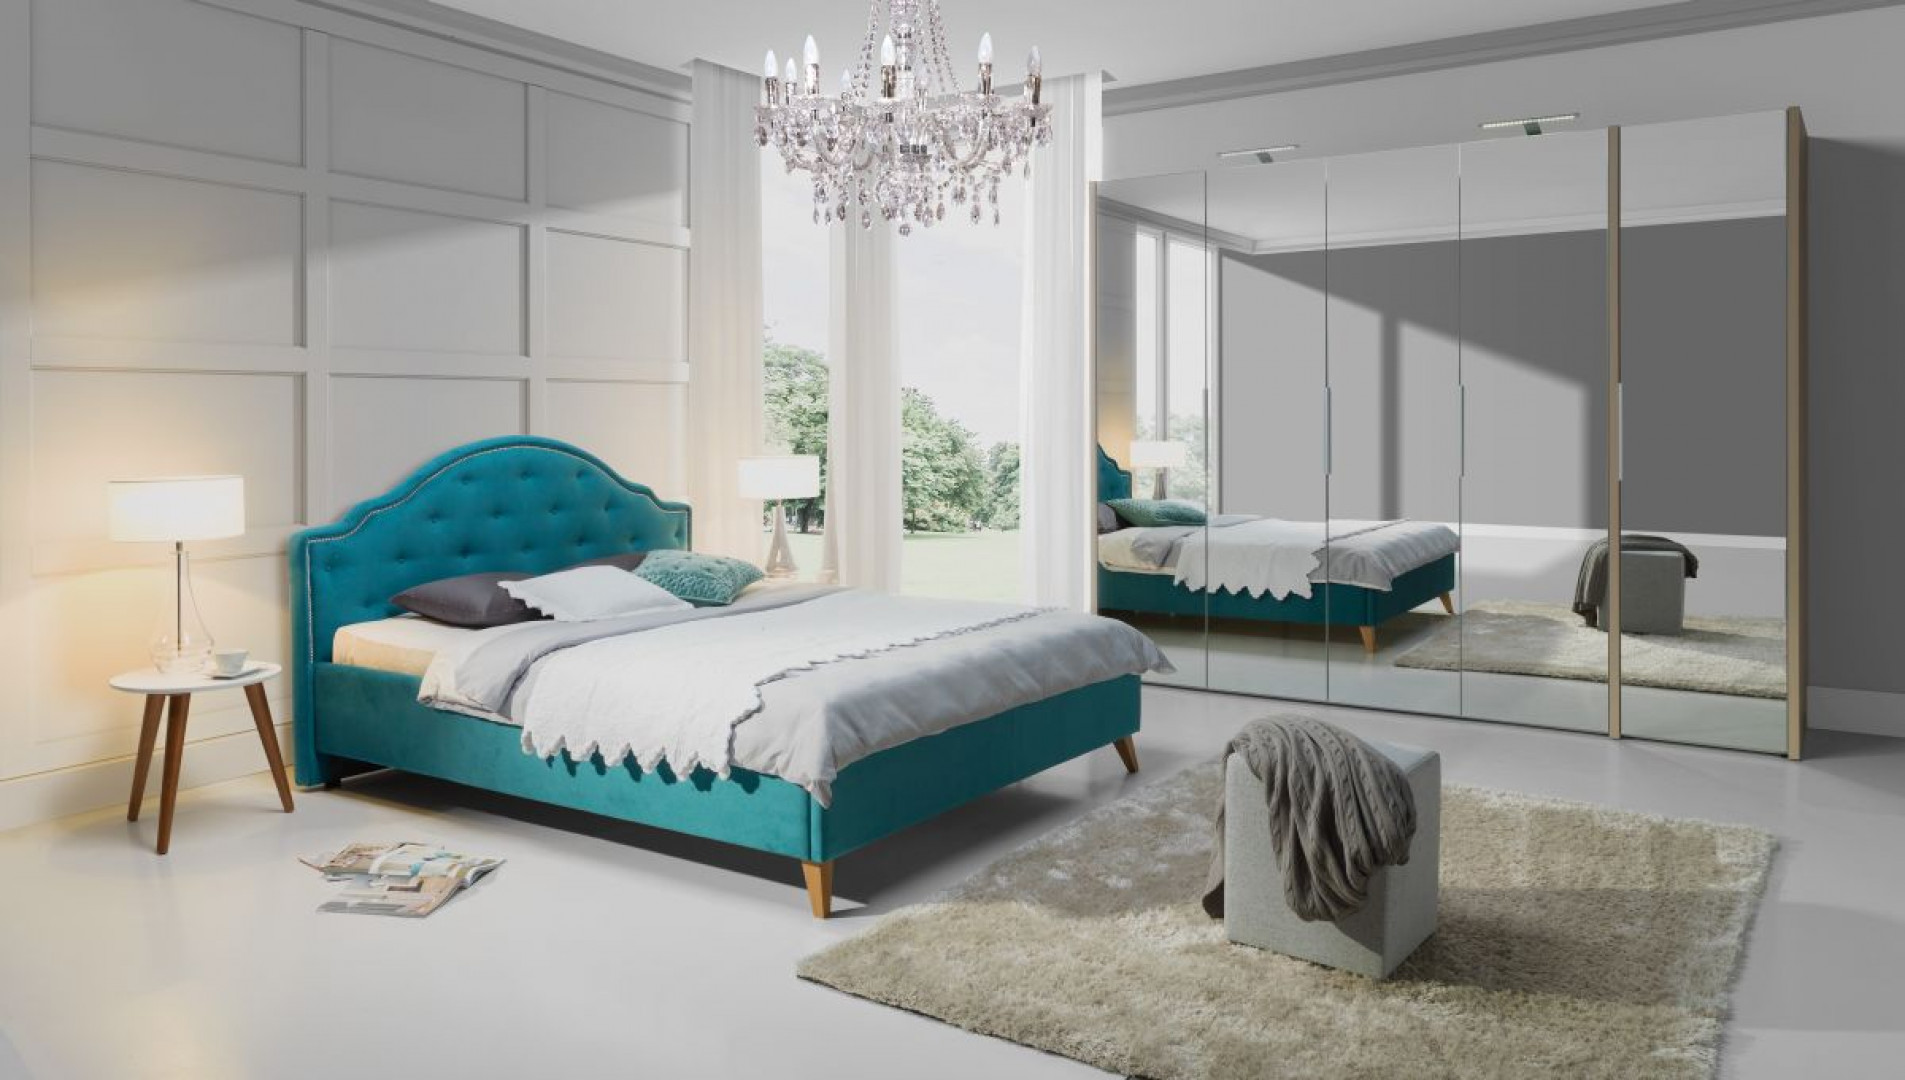 Łóżko Flores z fantazyjnym wezgłowiem. Fot. Wajnert